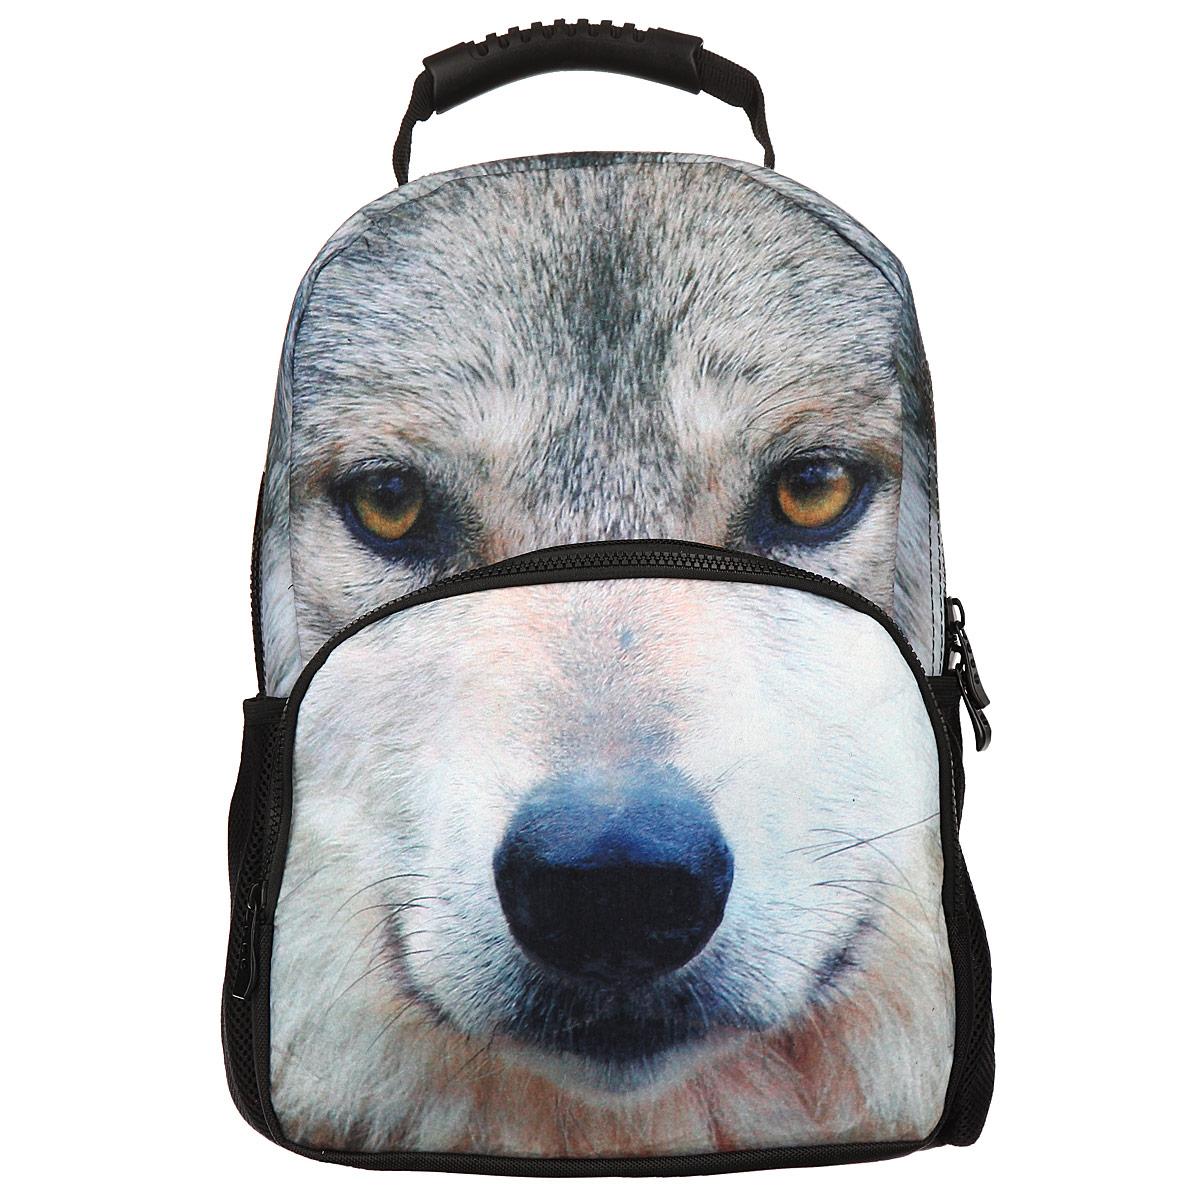 Рюкзак школьный Trend Line Wolf, цвет: черный. NR_00046730396Стильный школьный рюкзак Trend Line выполнен из полиэстера, дополнен вставкой из флиса, которая оформлена художественной печатью с изображением Wolf.Рюкзак имеет одно основное отделение, закрывающееся на застежку-молнию. Снаружи, на лицевой стороне, рюкзака размещен накладной карман на молнии, внутри которого предусмотрен еще один накладной карман на липучке. С двух сторон изделия расположены два накладных сетчатых кармашка. В верхней части изделия предусмотрена эргономичная ручка для переноски, а также предусмотрены регулируемые лямки.Такой рюкзак станет незаменимым спутником вашего ребенка в походах за знаниями.